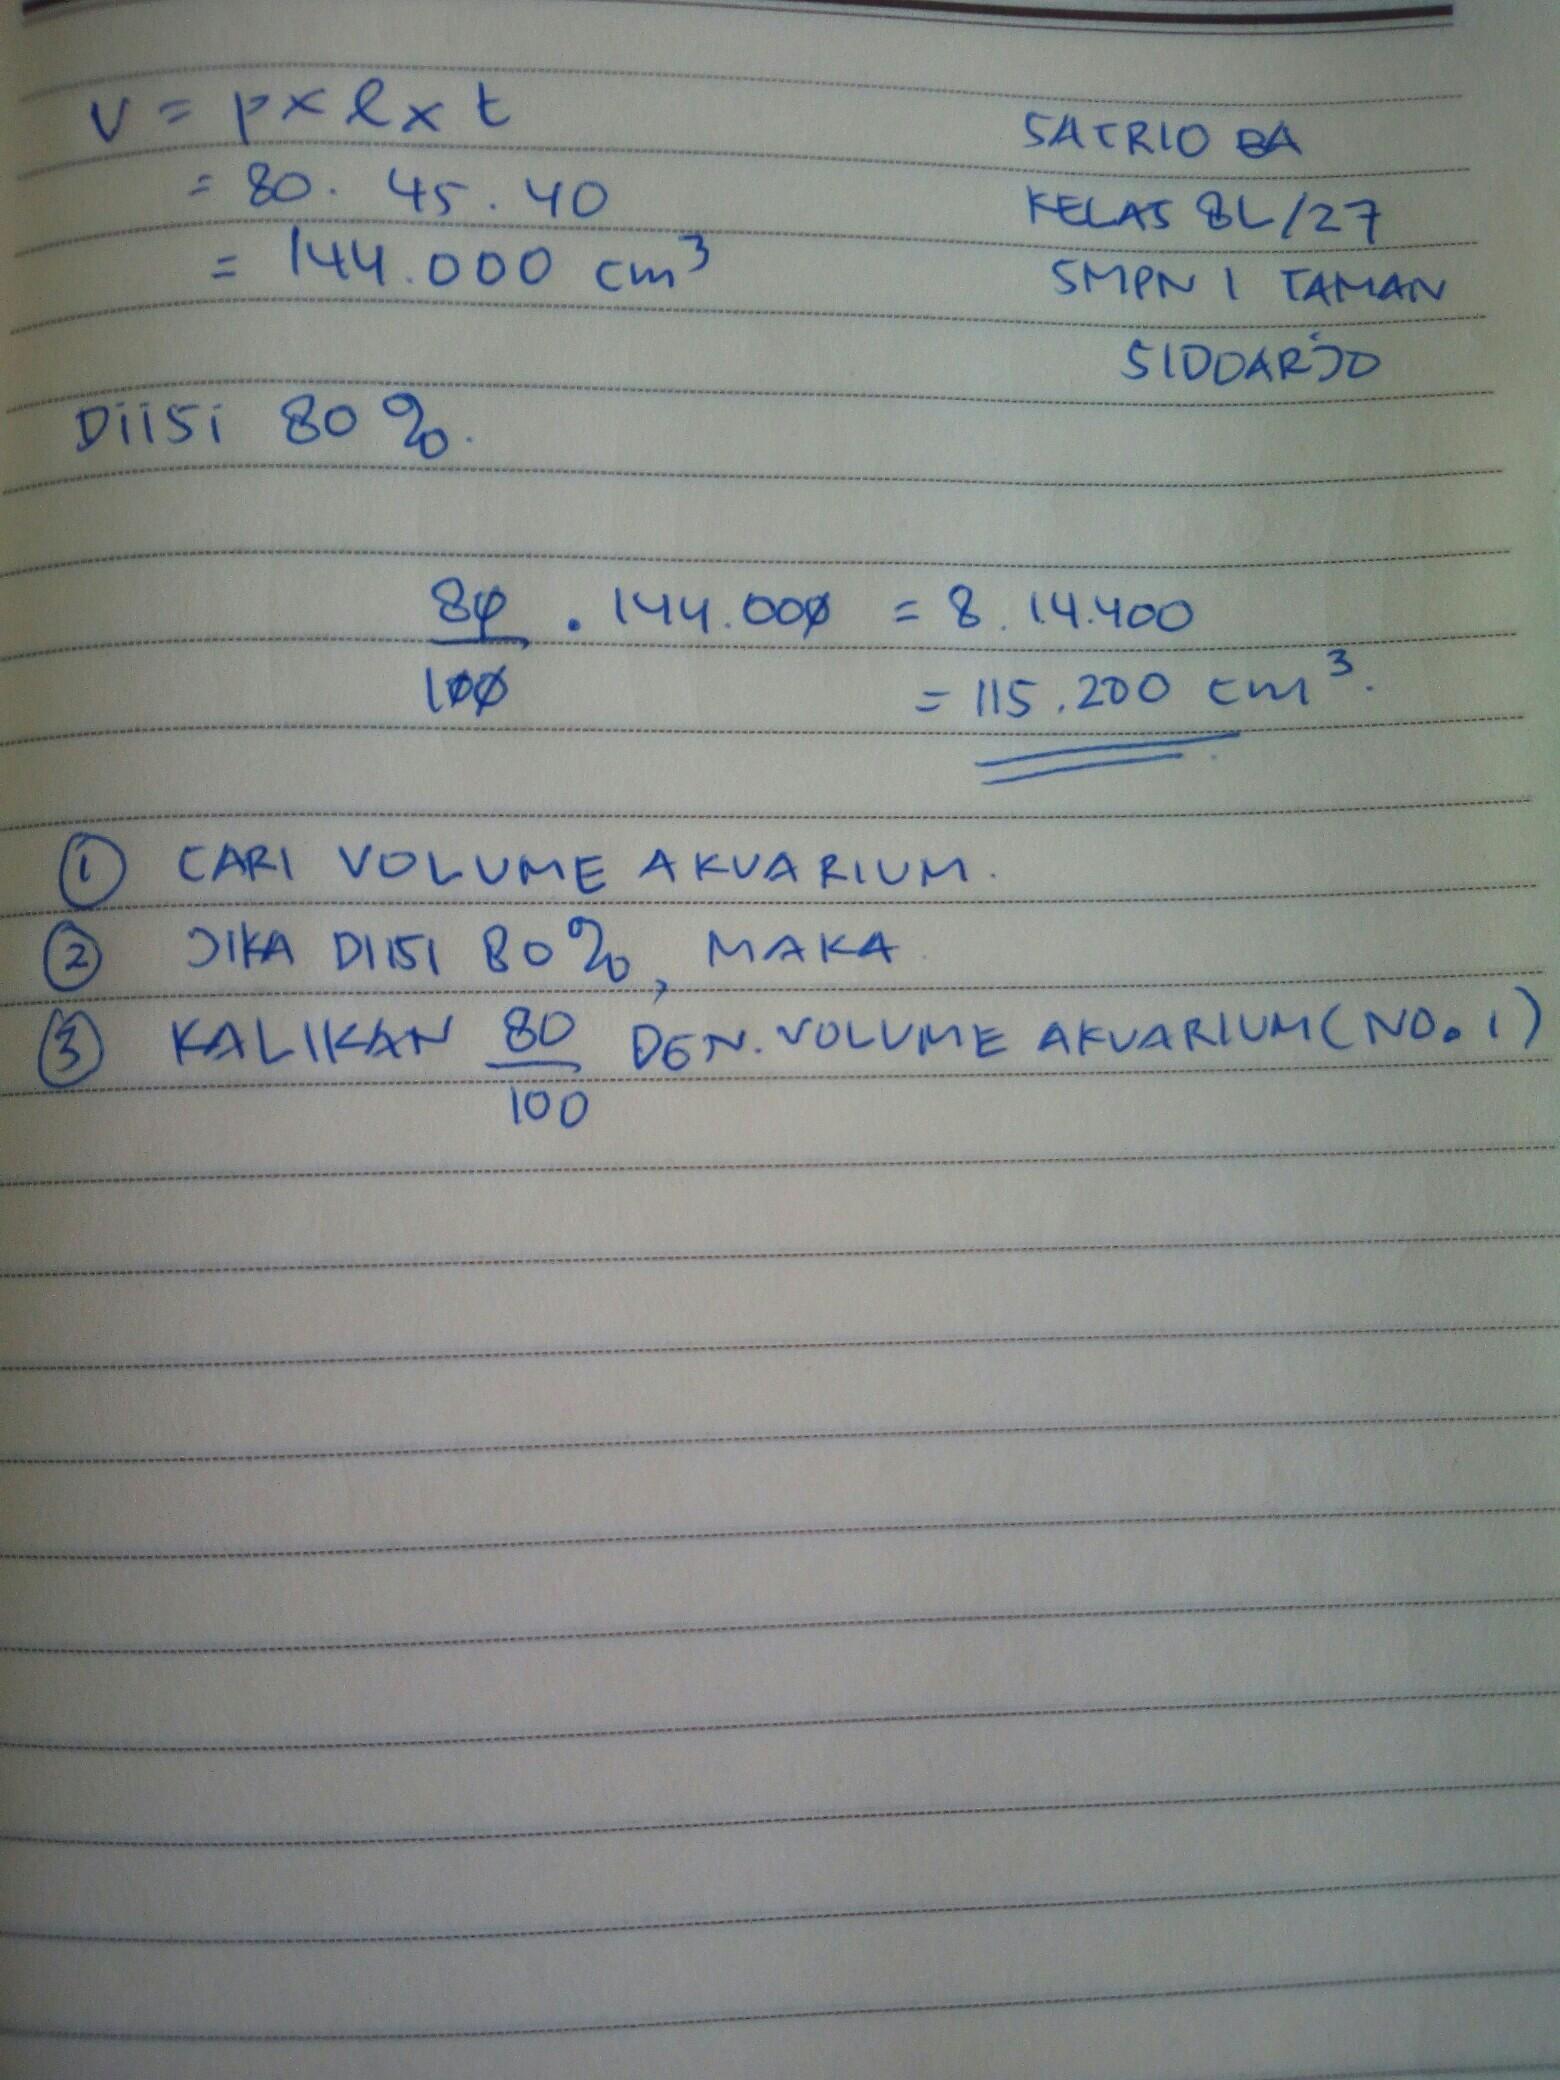 Menghitung Volume Air : menghitung, volume, Indri, Menghitung, Volume, Dalam, Aquarium, Dengan, Ukuran, Masing, Berapa, Brainly.co.id